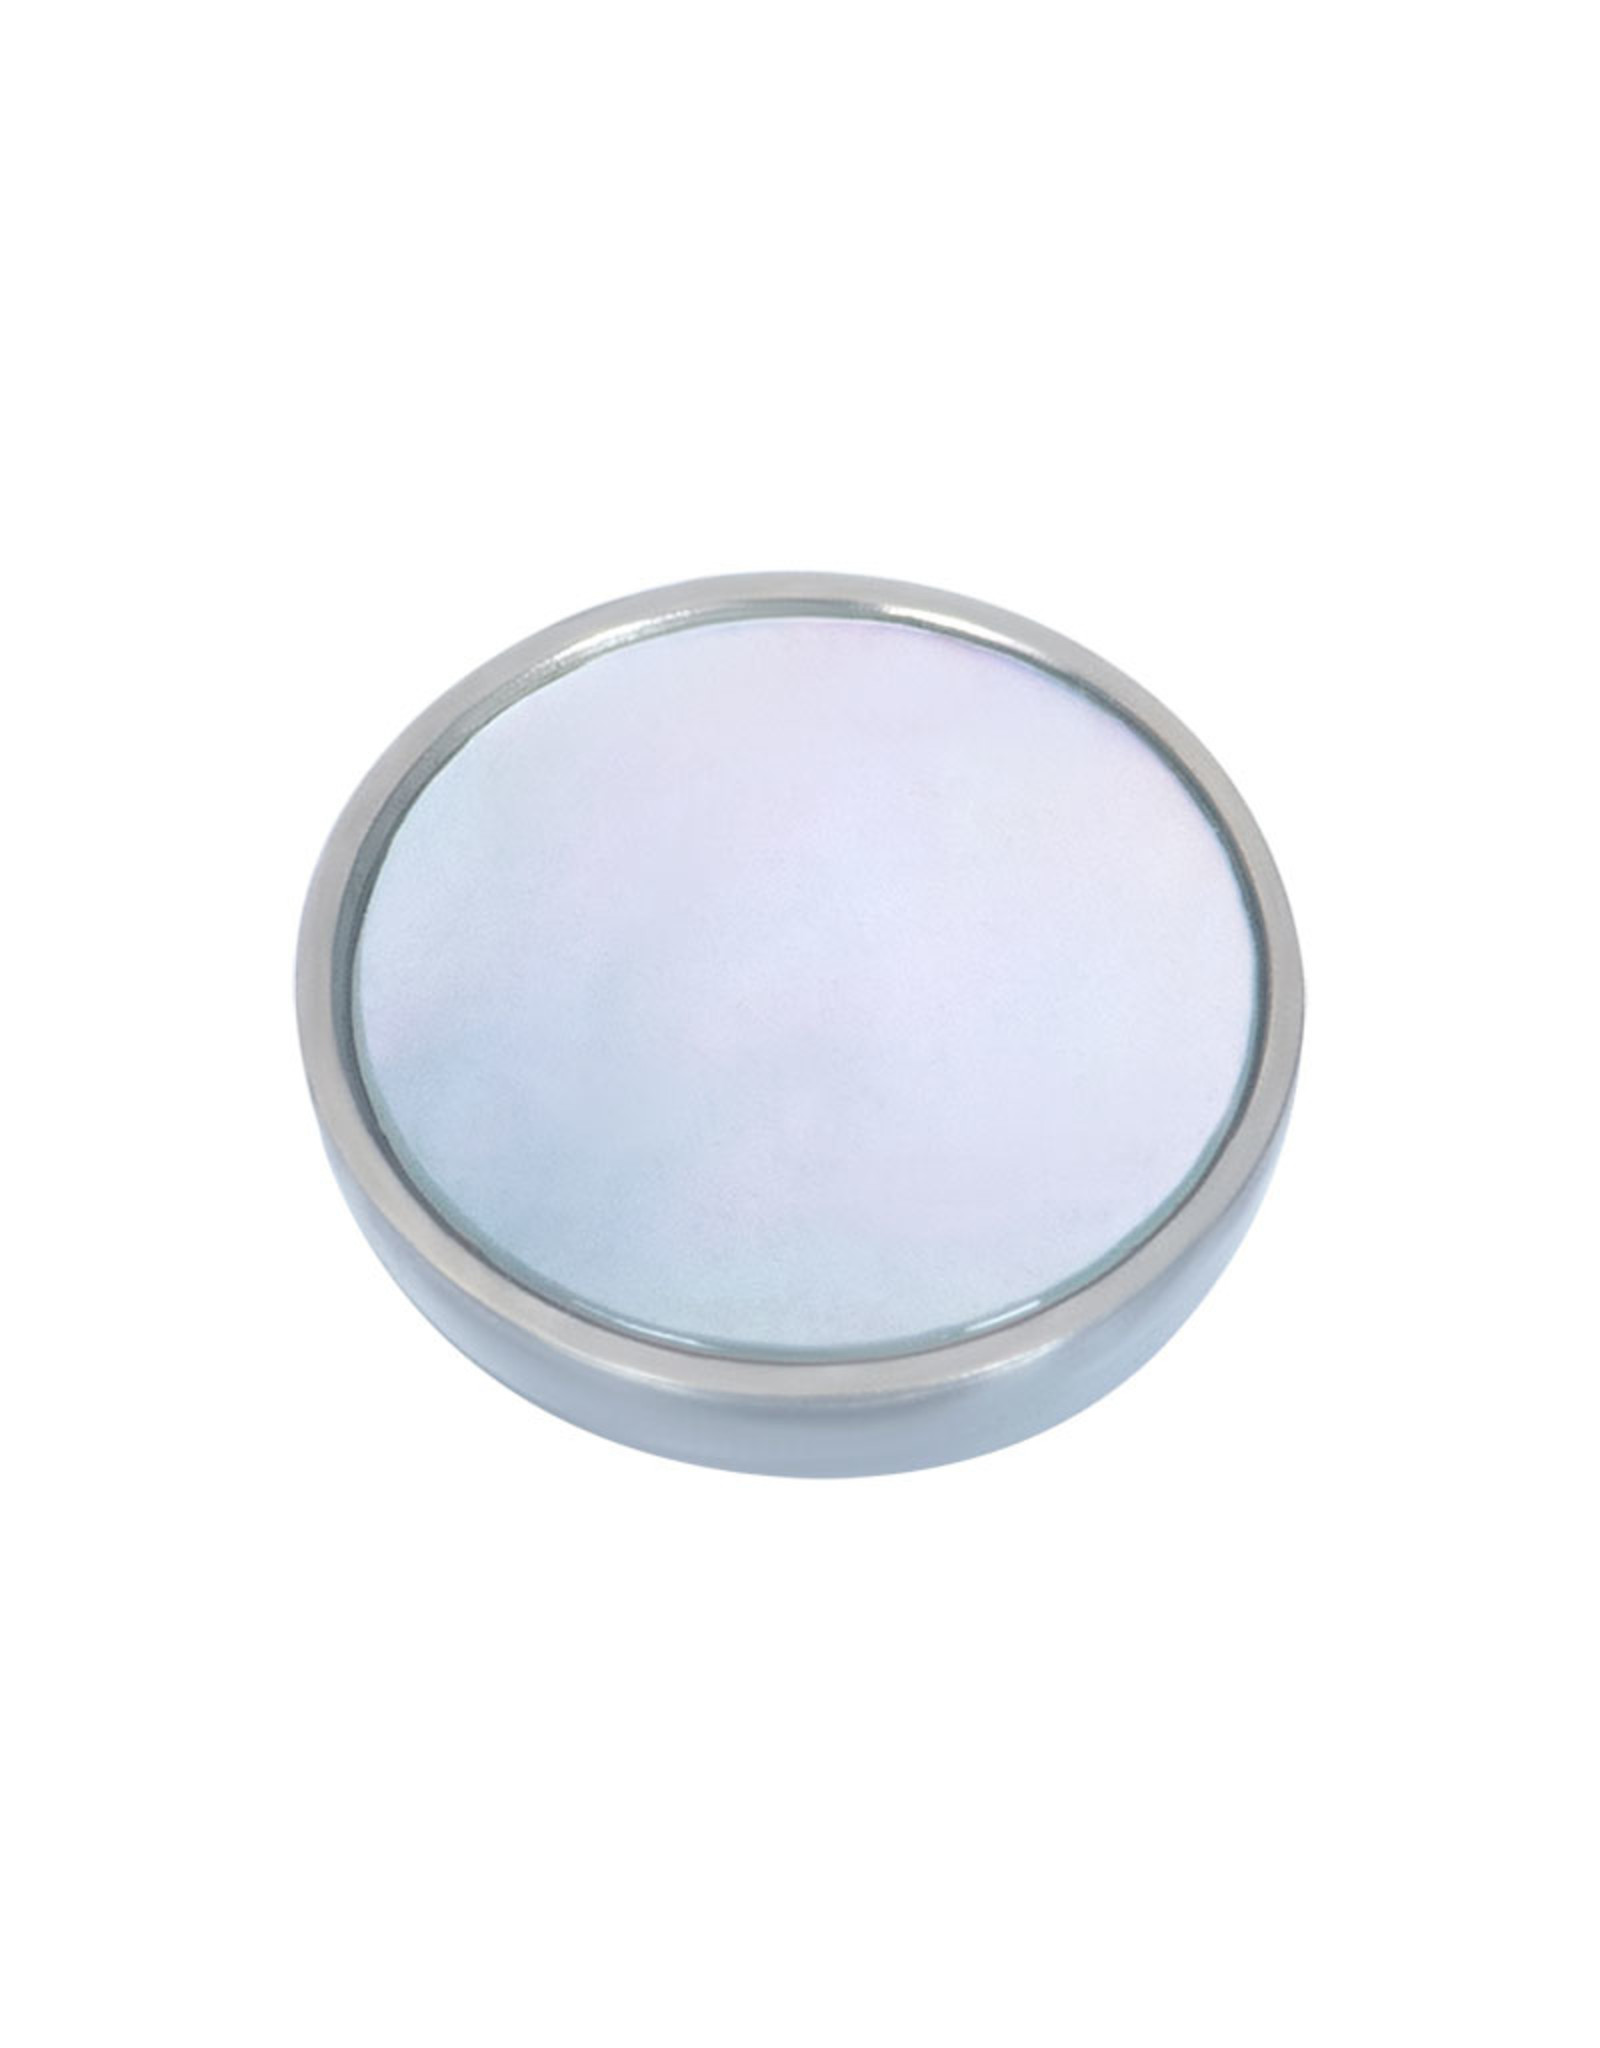 iXXXi Jewelry iXXXi top part white shell